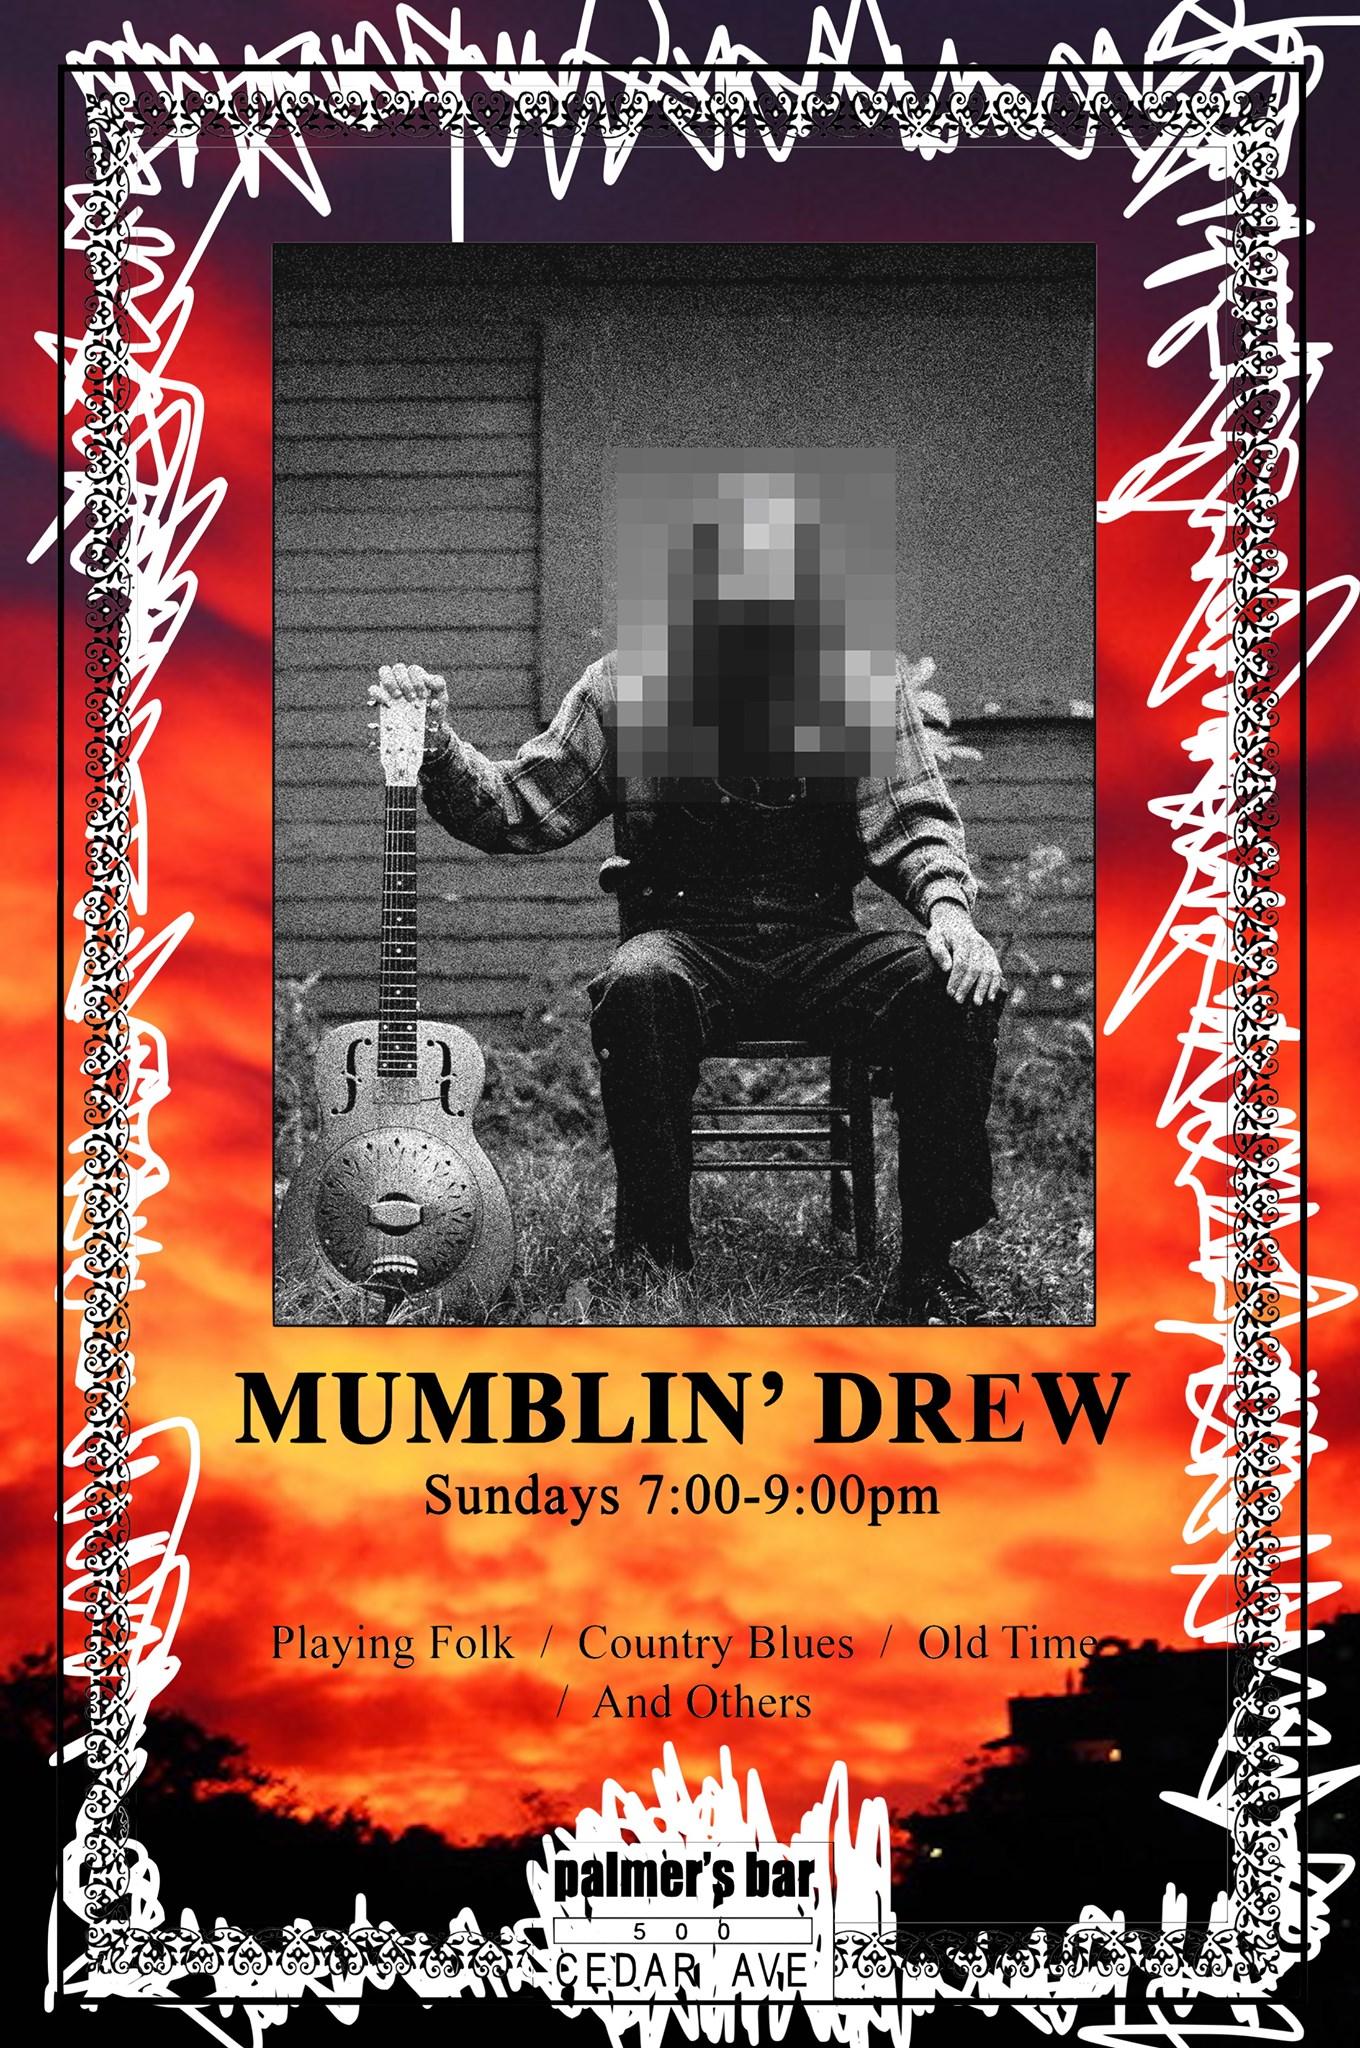 MumblinDrewSummer2019.jpg